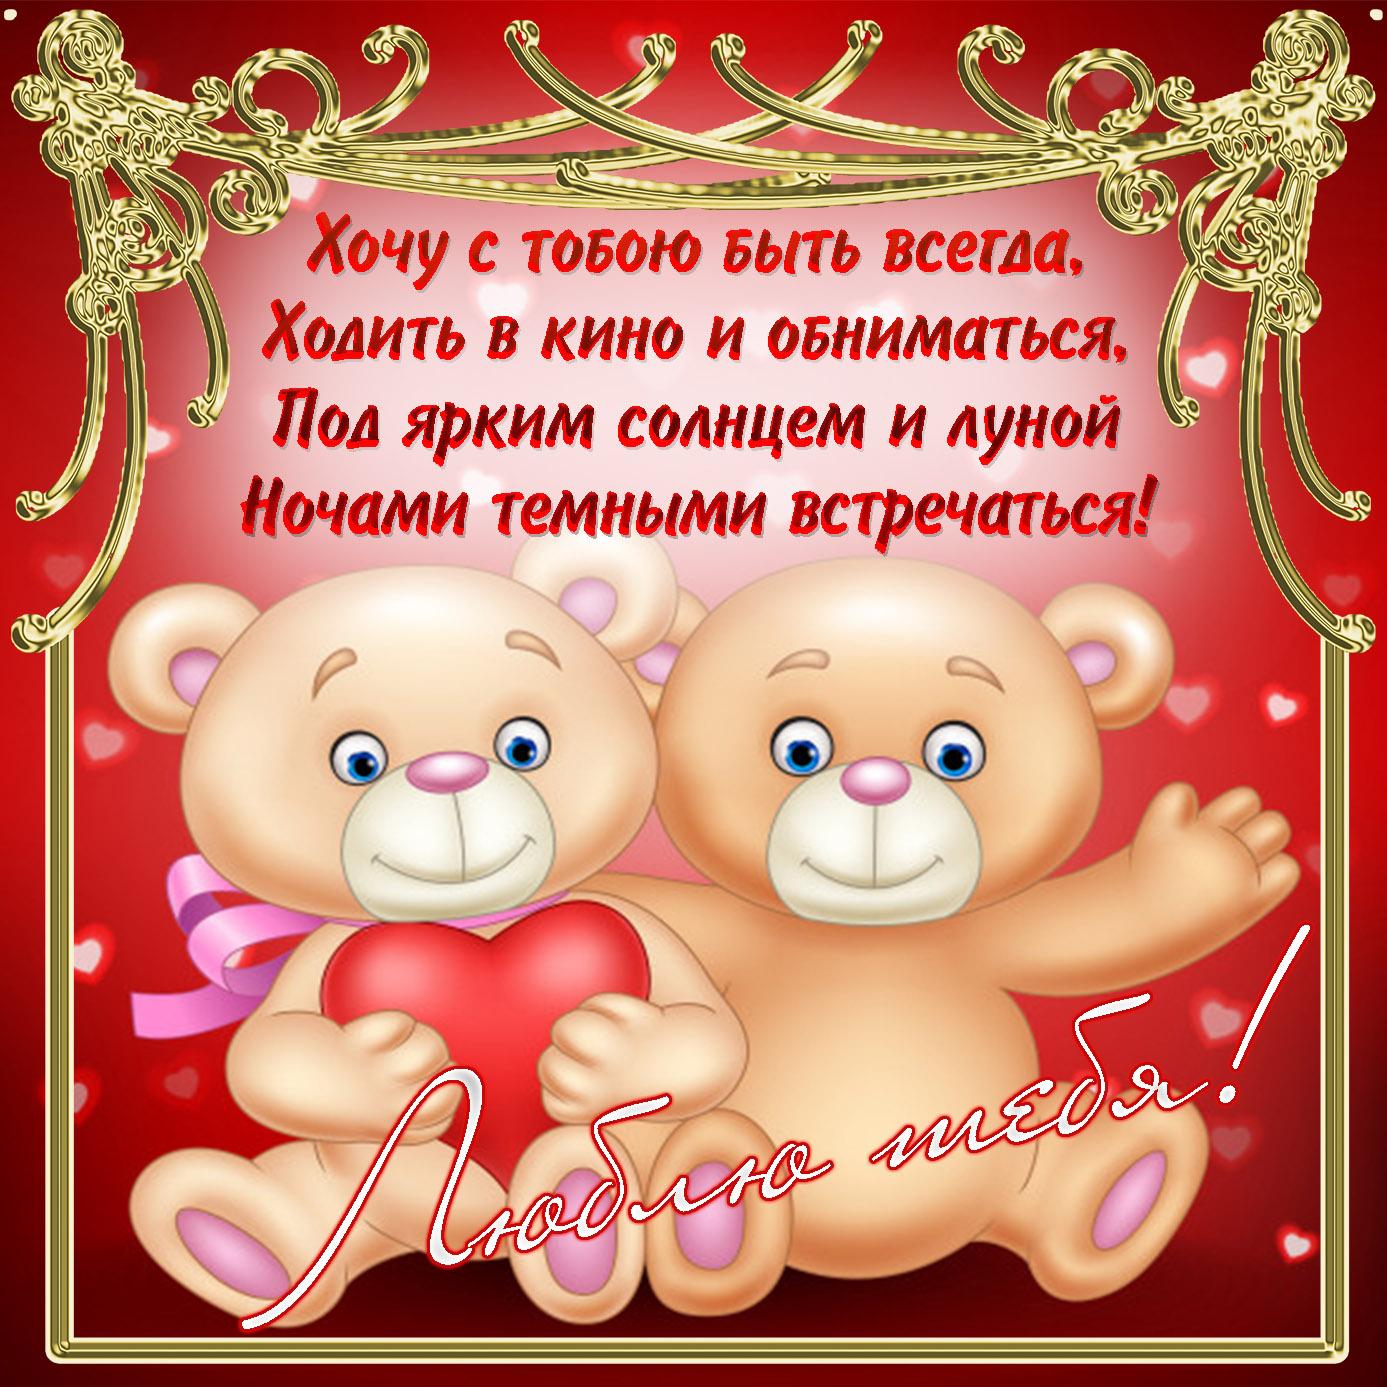 Милая открытка с медвежатами в рамочке